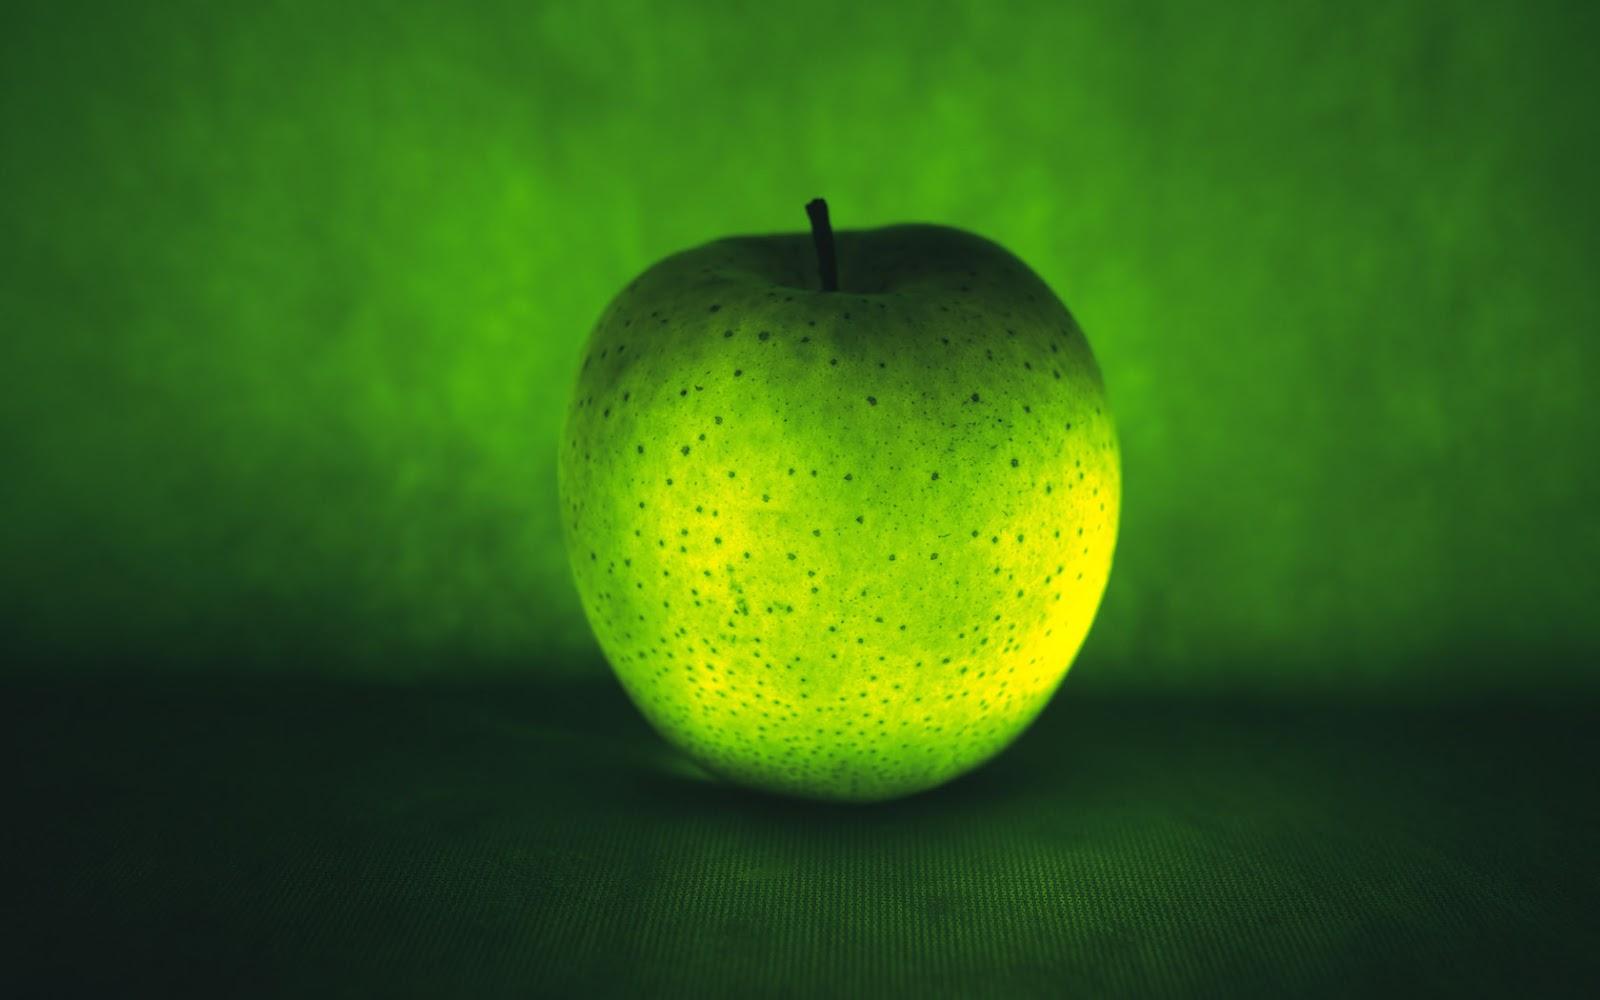 apple wallpaper hd 1080p: apple wide wallpapers